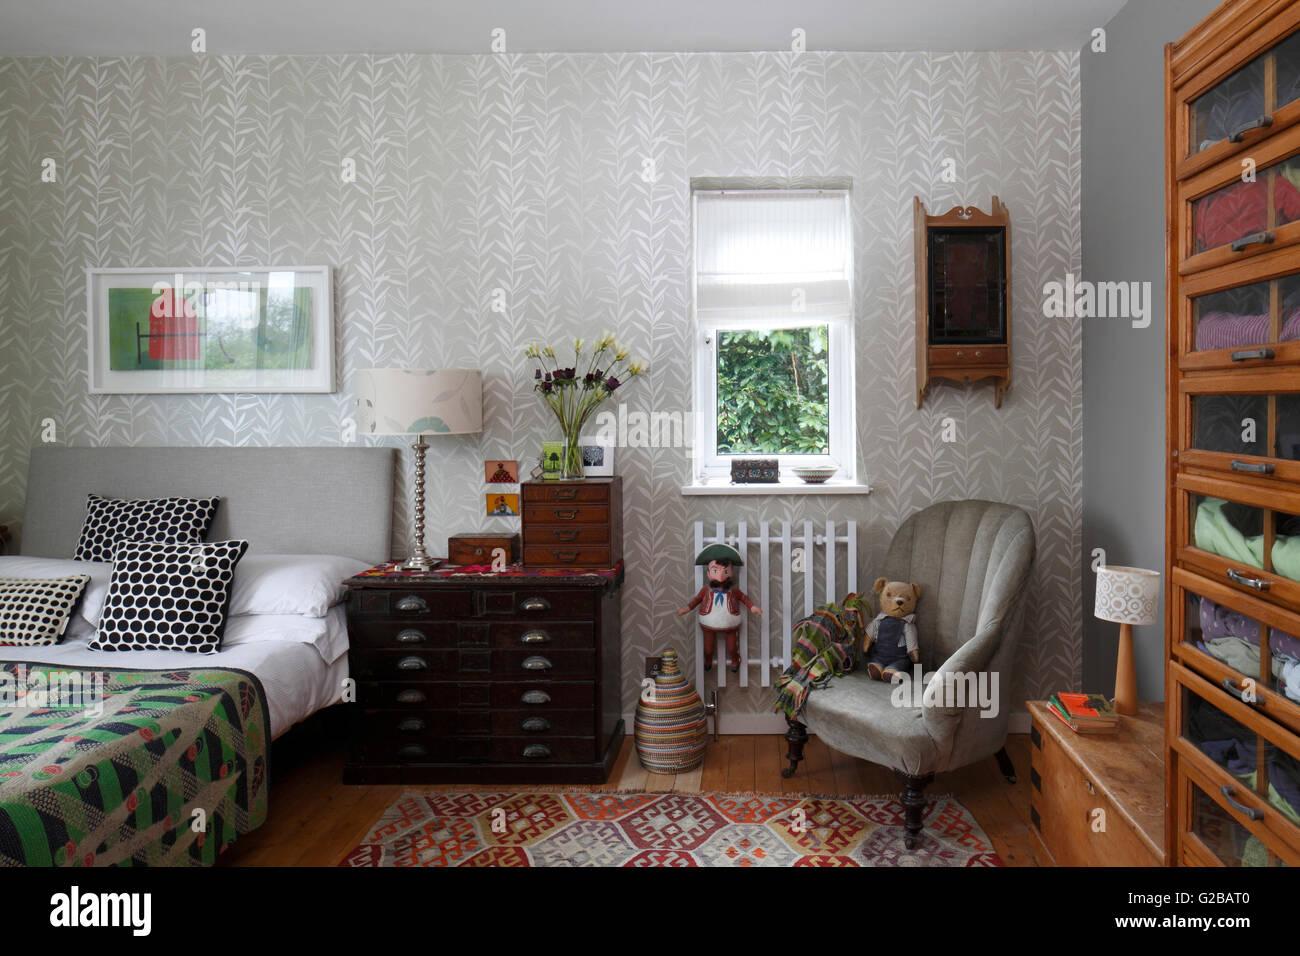 Chambre Avec Un Papier Peint A Motifs D Argent Et Un Stockage Des